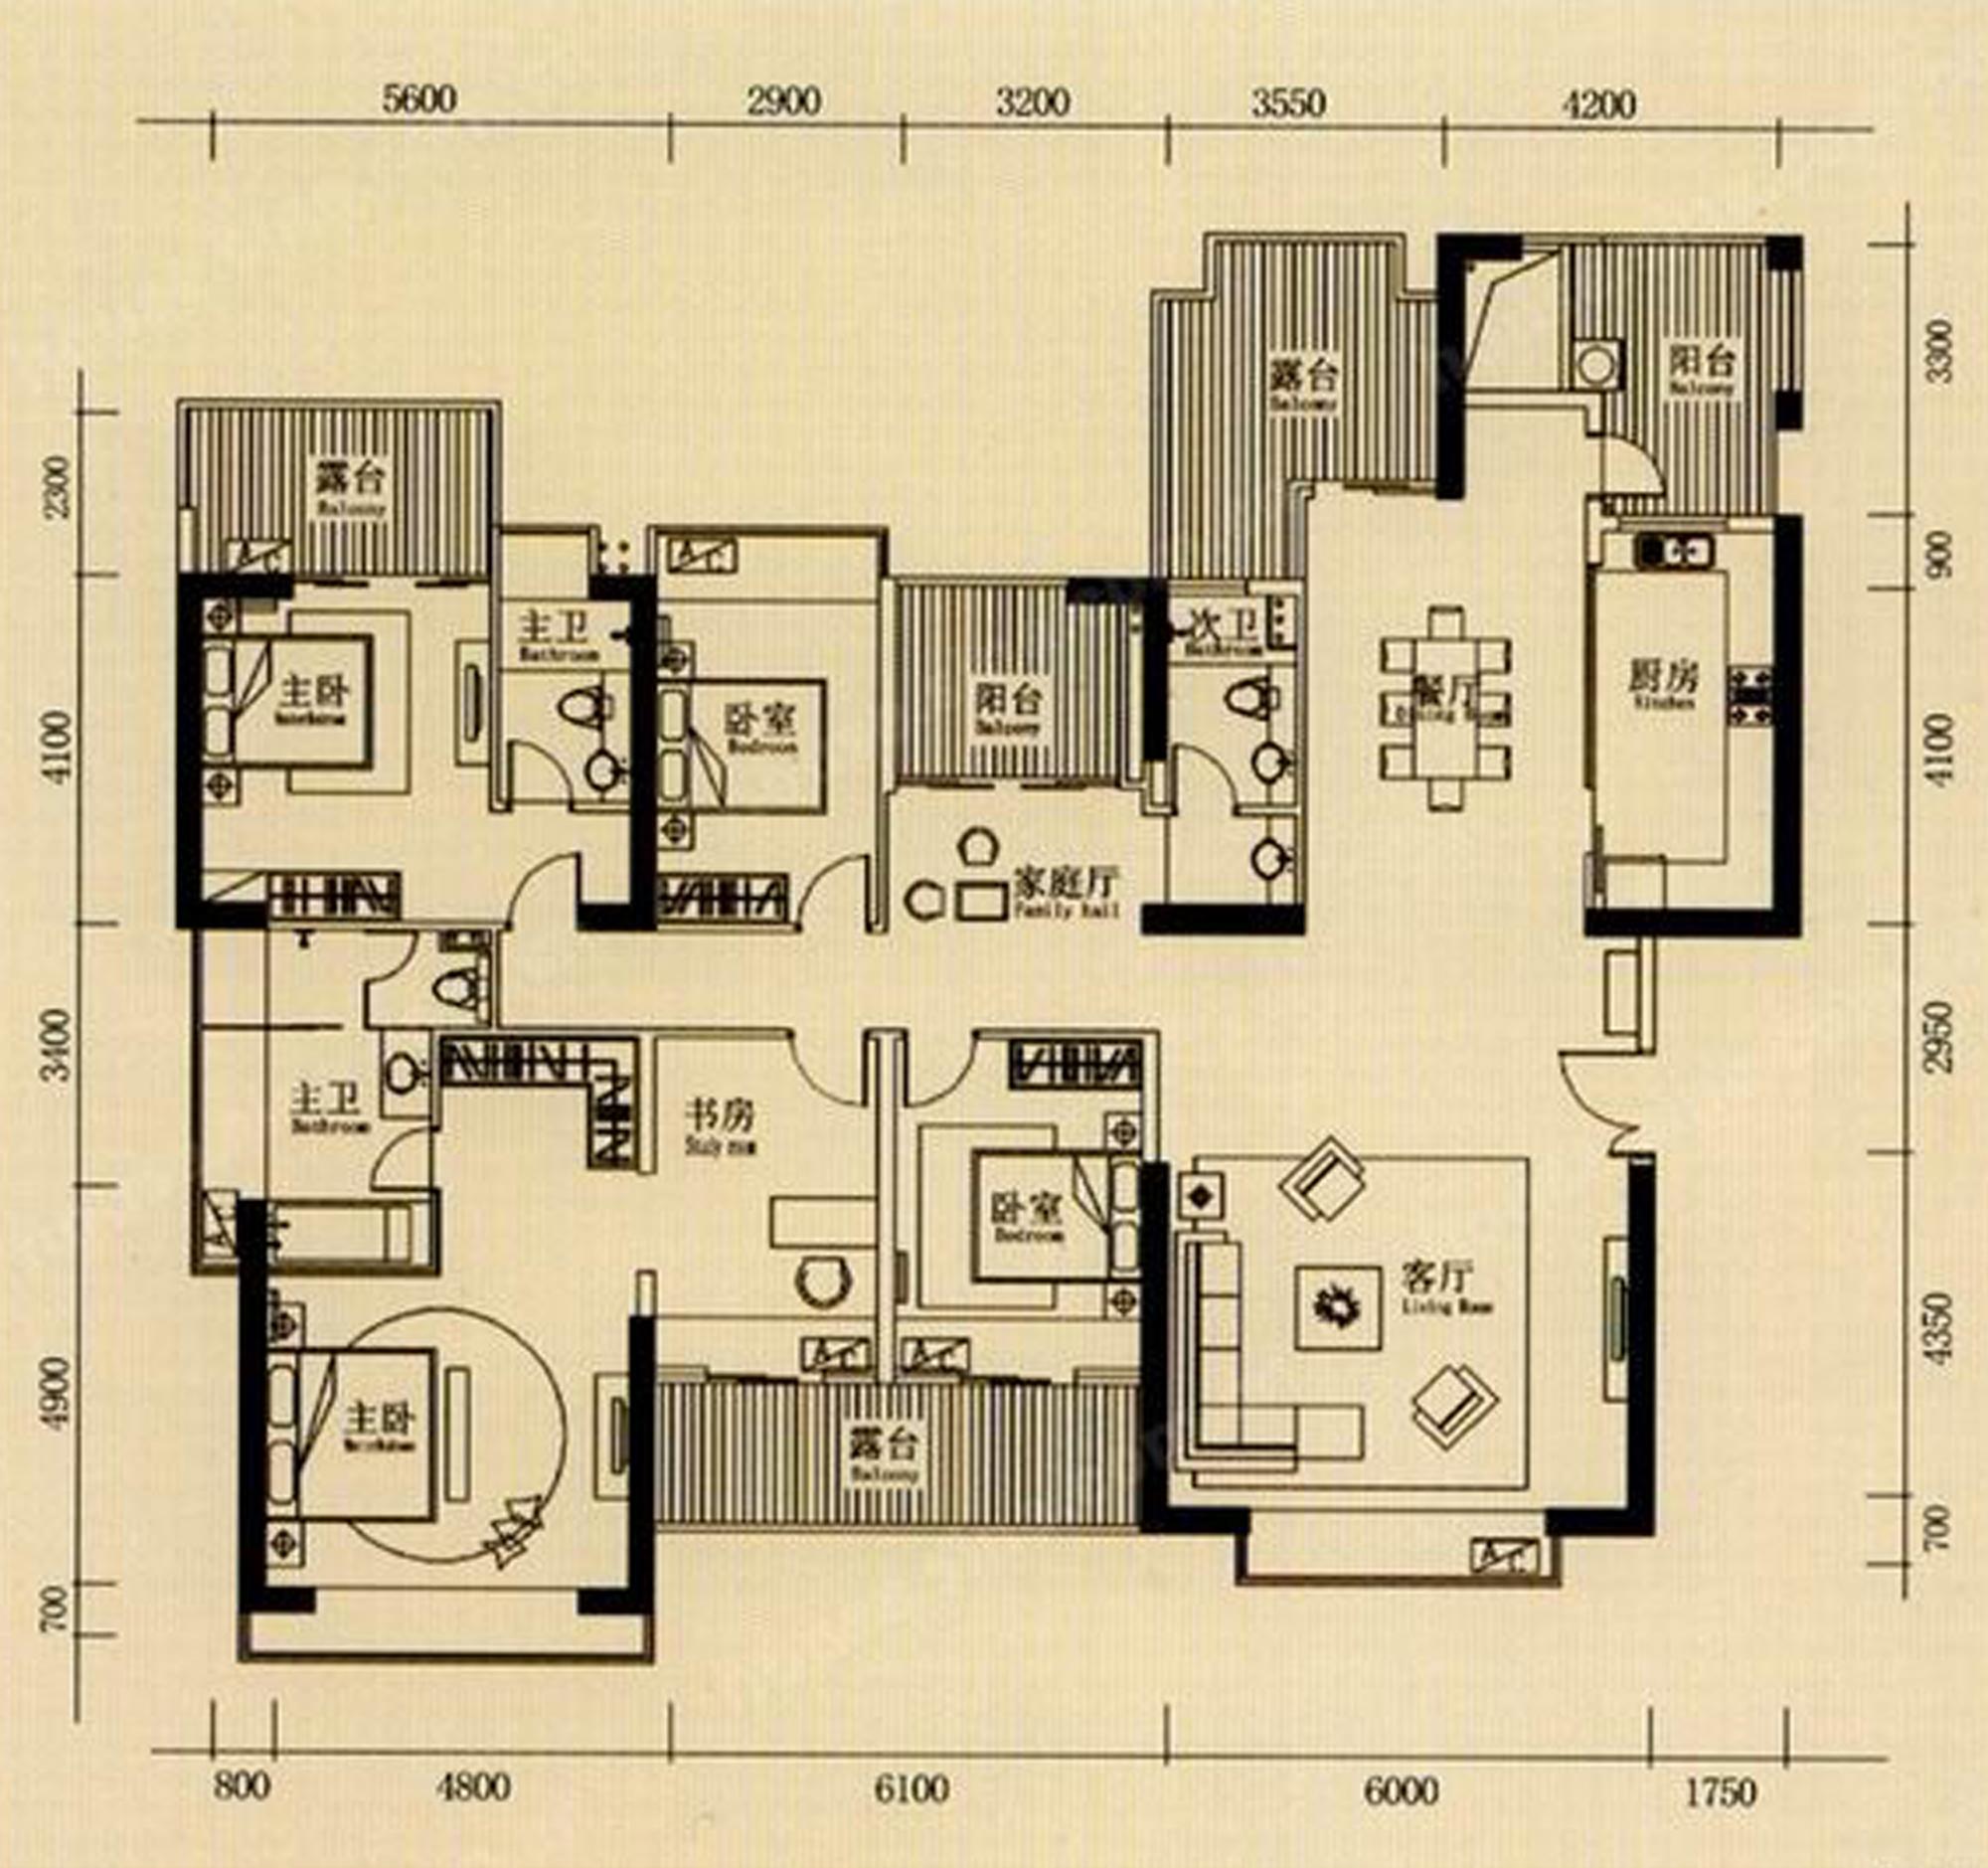 浪琴半岛150平米-现代简约装修设计理念